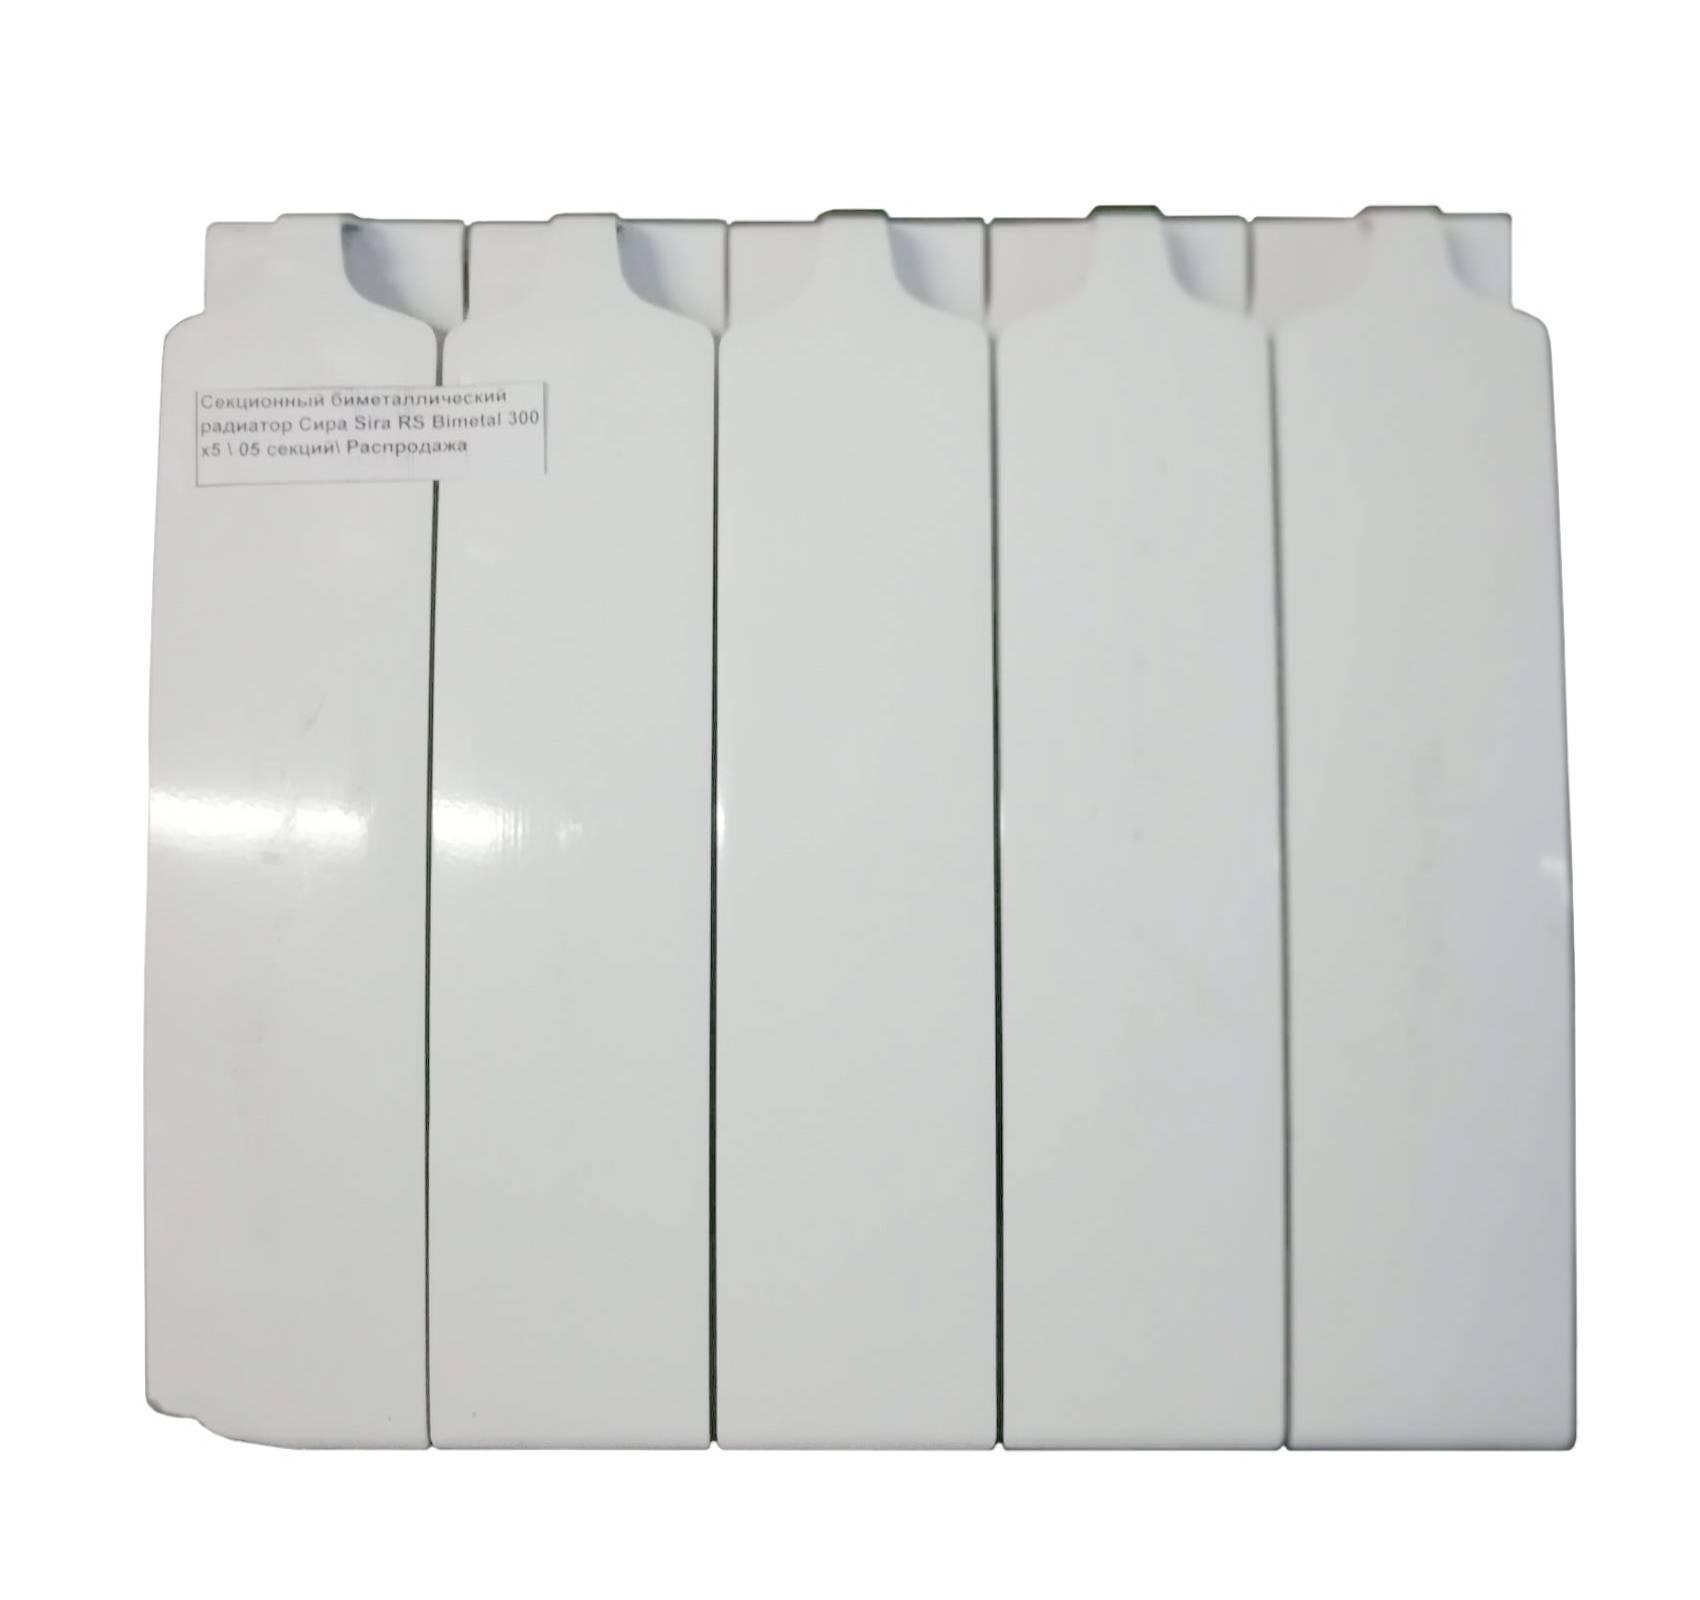 Лучшие фирмы биметаллических радиаторов отопления – рейтинг 2021